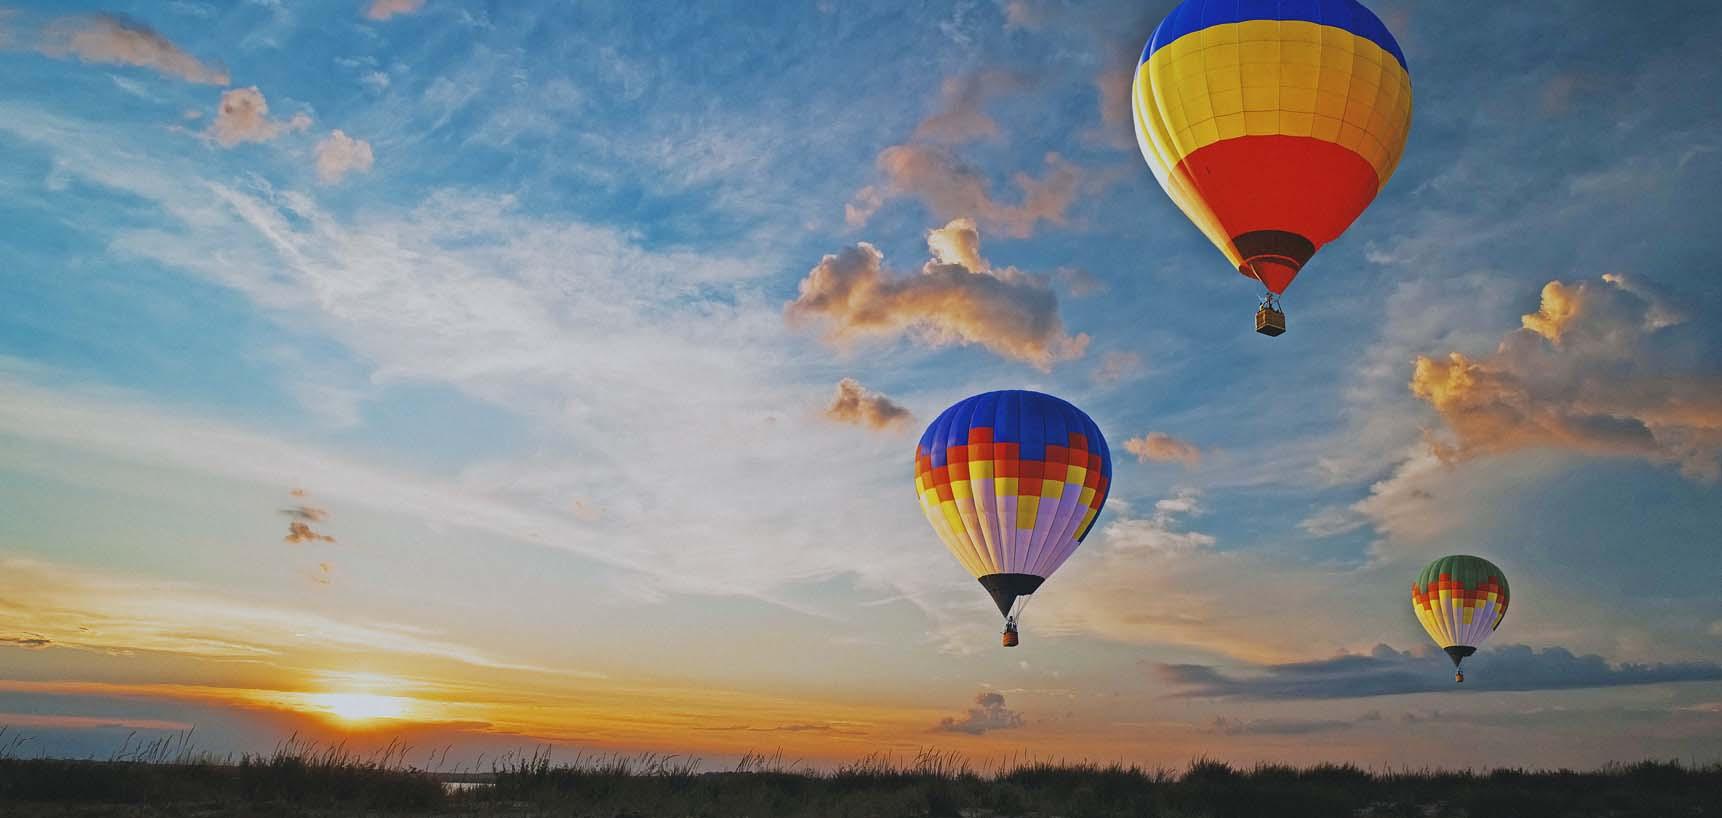 Решение задачи что будет с воздушным шаром задачи на сложение вероятностей с решением